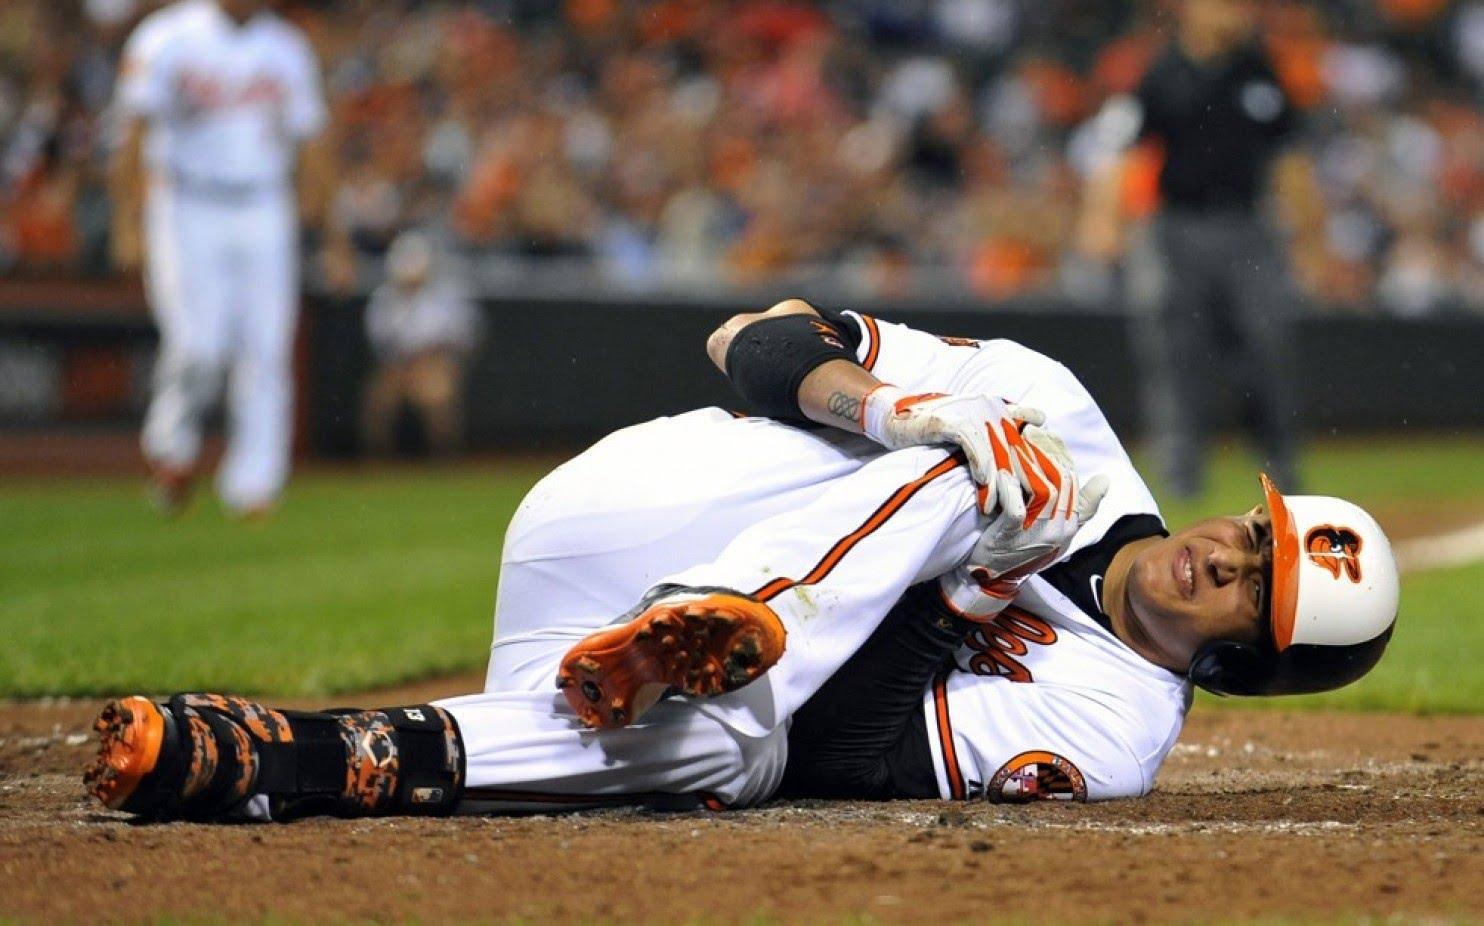 Las lesiones en el mundo del béisbol (I): Equipos